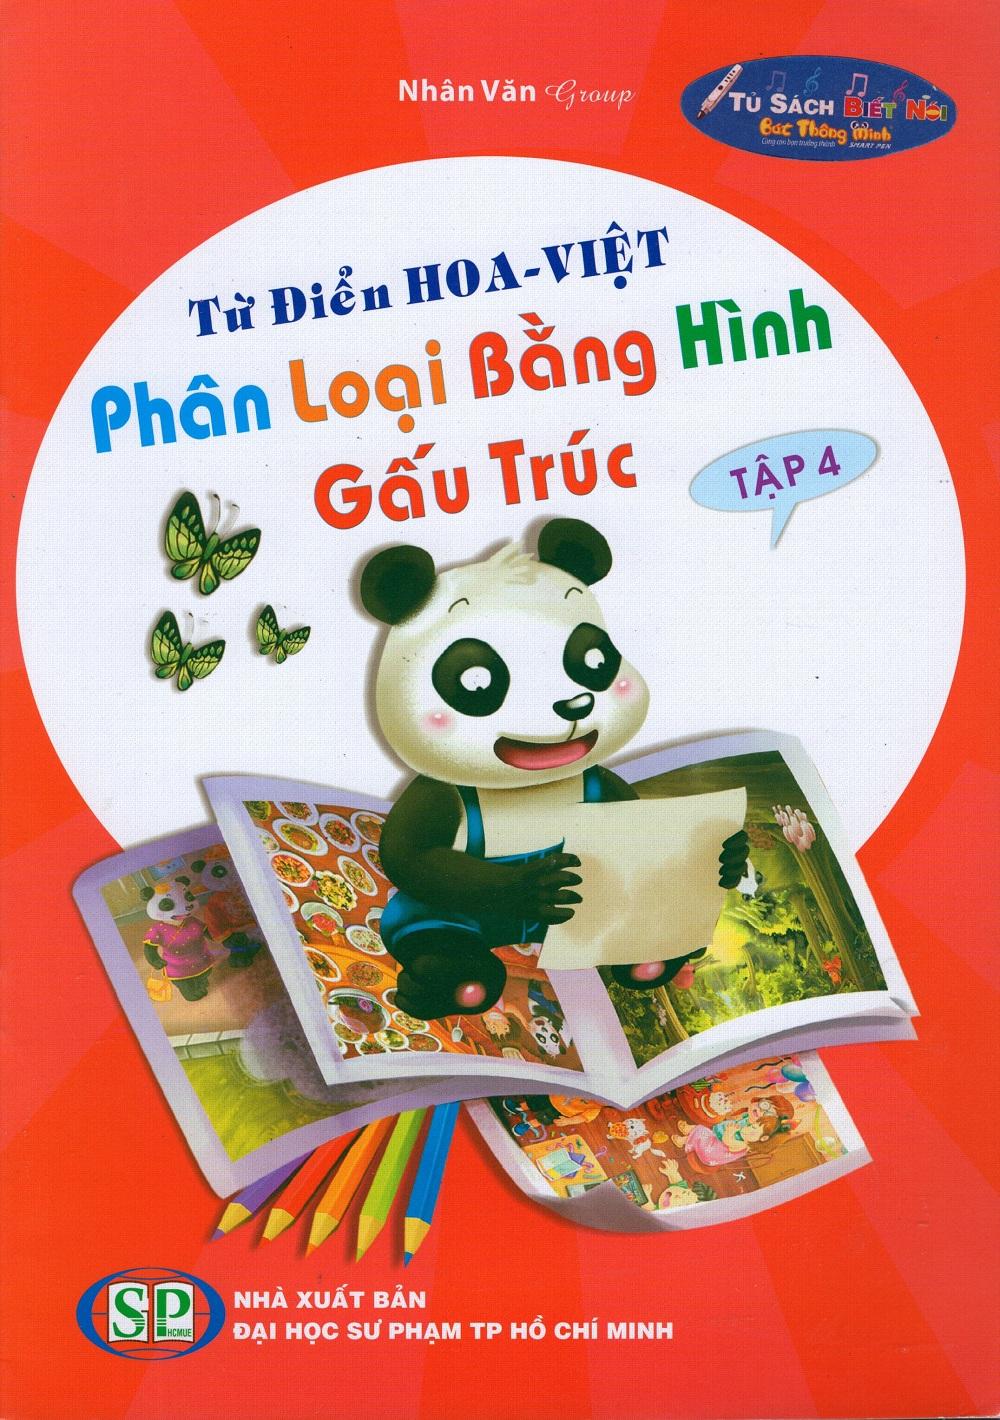 Bìa sách Từ Điển Hoa - Việt Phân Loại Bằng Hình Gấu Trúc (Tập 4)